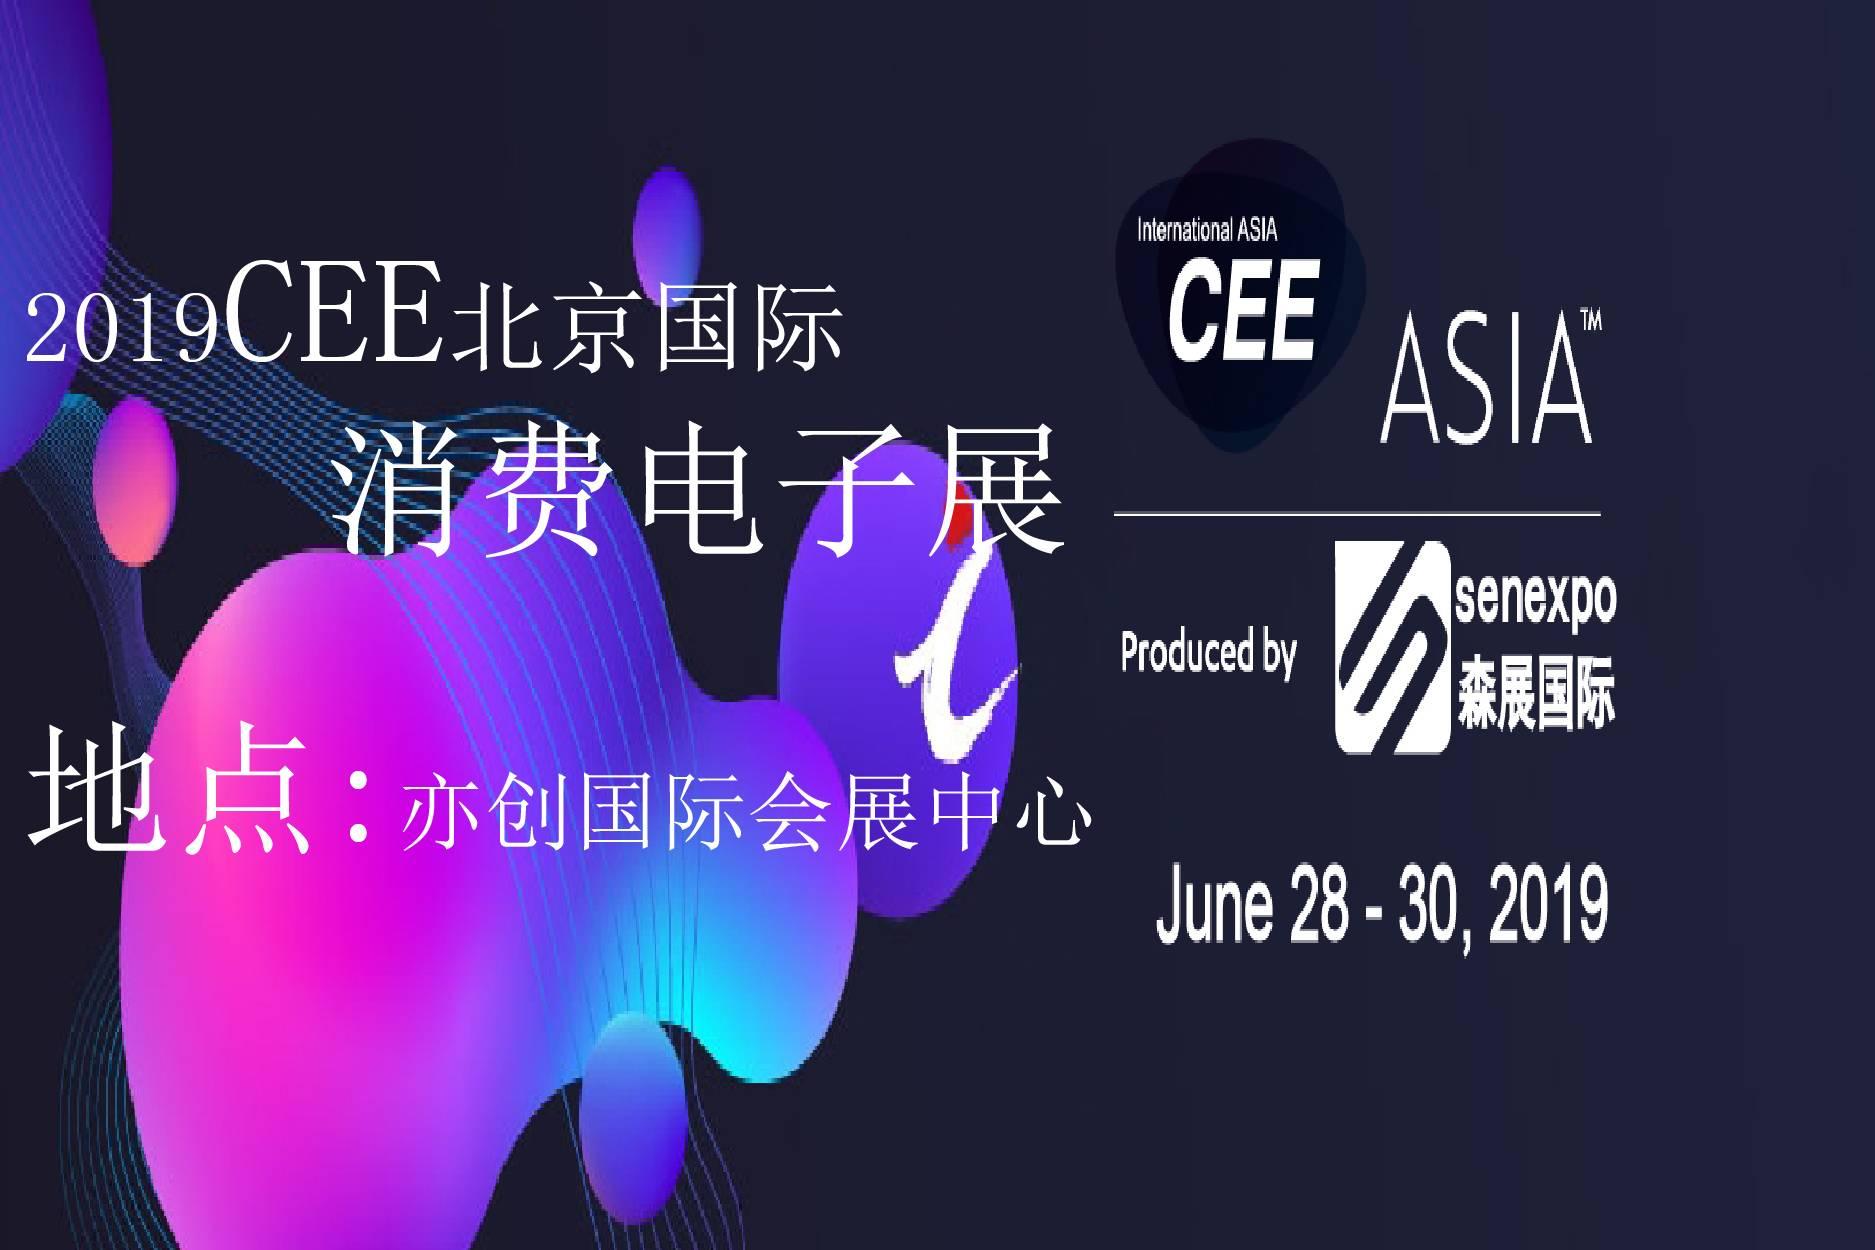 2019CEE北京國際消費電子展